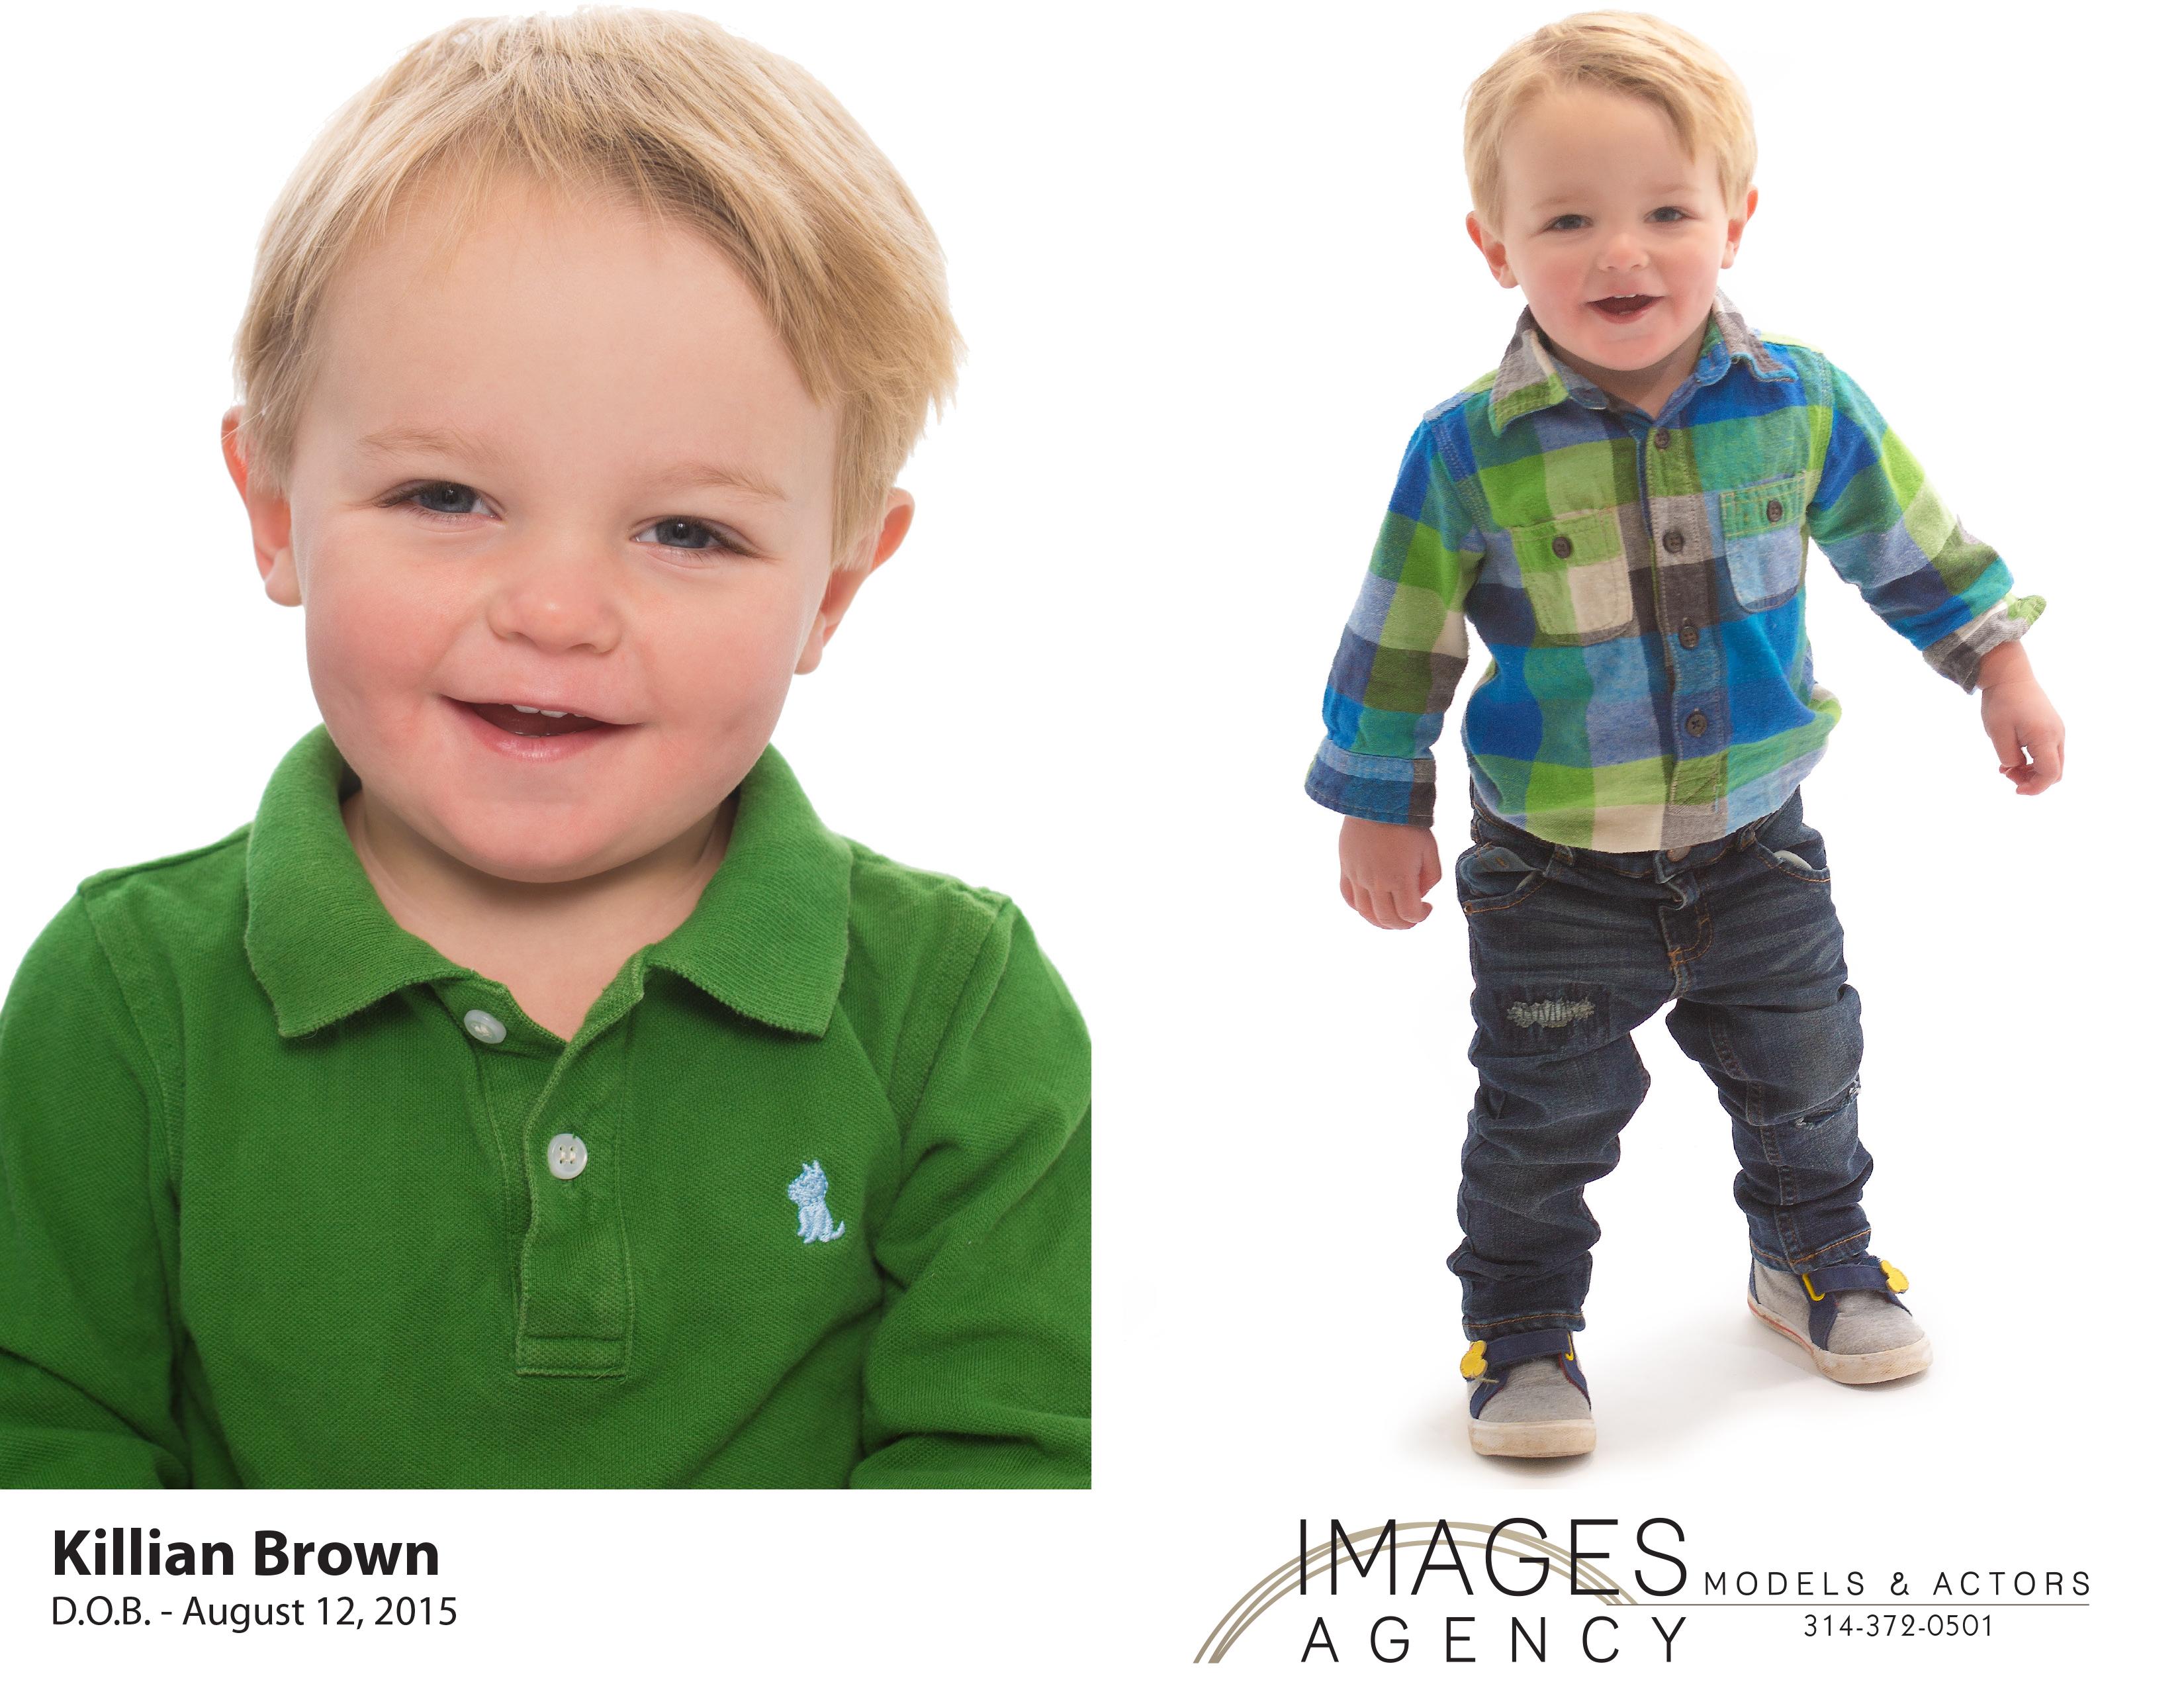 Killian Brown